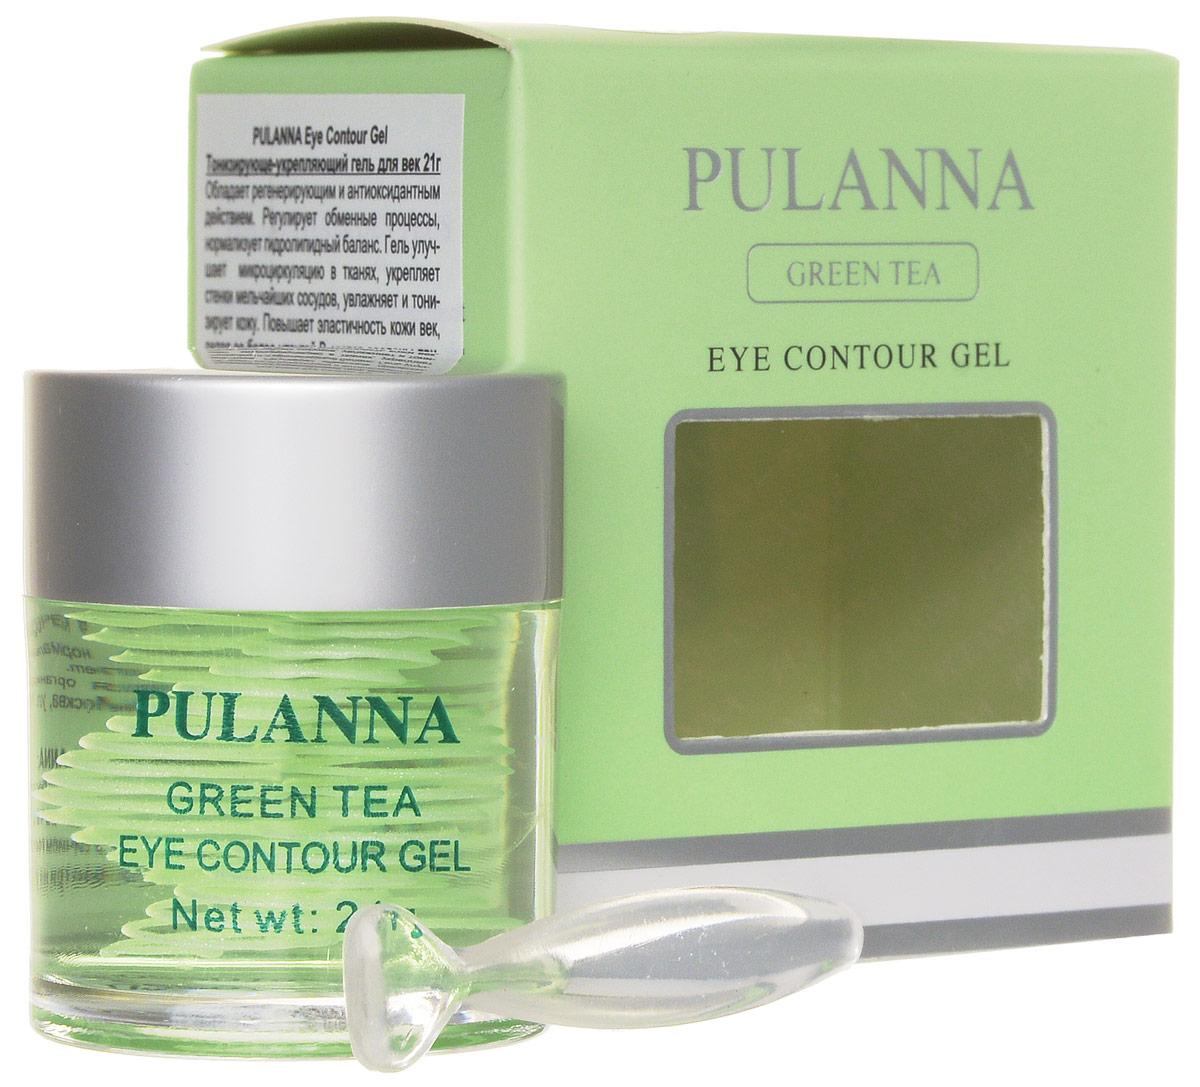 Pulanna Тонизирующе-укрепляющий гель для век на основе зеленого чая - Eye Contour Gel 21 гFS-00897Гель обладает регенерирующим и антиоксидантным действием. Регулирует обменные процессы, нормализует гидро-липидный баланс кожи. Улучшает микроциркуляцию в тканях, укрепляет стенки мельчайших сосудов, увлажняет и тонизирует кожу. Экстракт хвоща и зеленого чая нормализуют водно-жировой и кислородный обмен. Гель повышает эластичность кожи век, делая ее более упругой. В состав введены природные фотофильтры. Является прекрасной базой под макияж. Рекомендован с 20 лет.